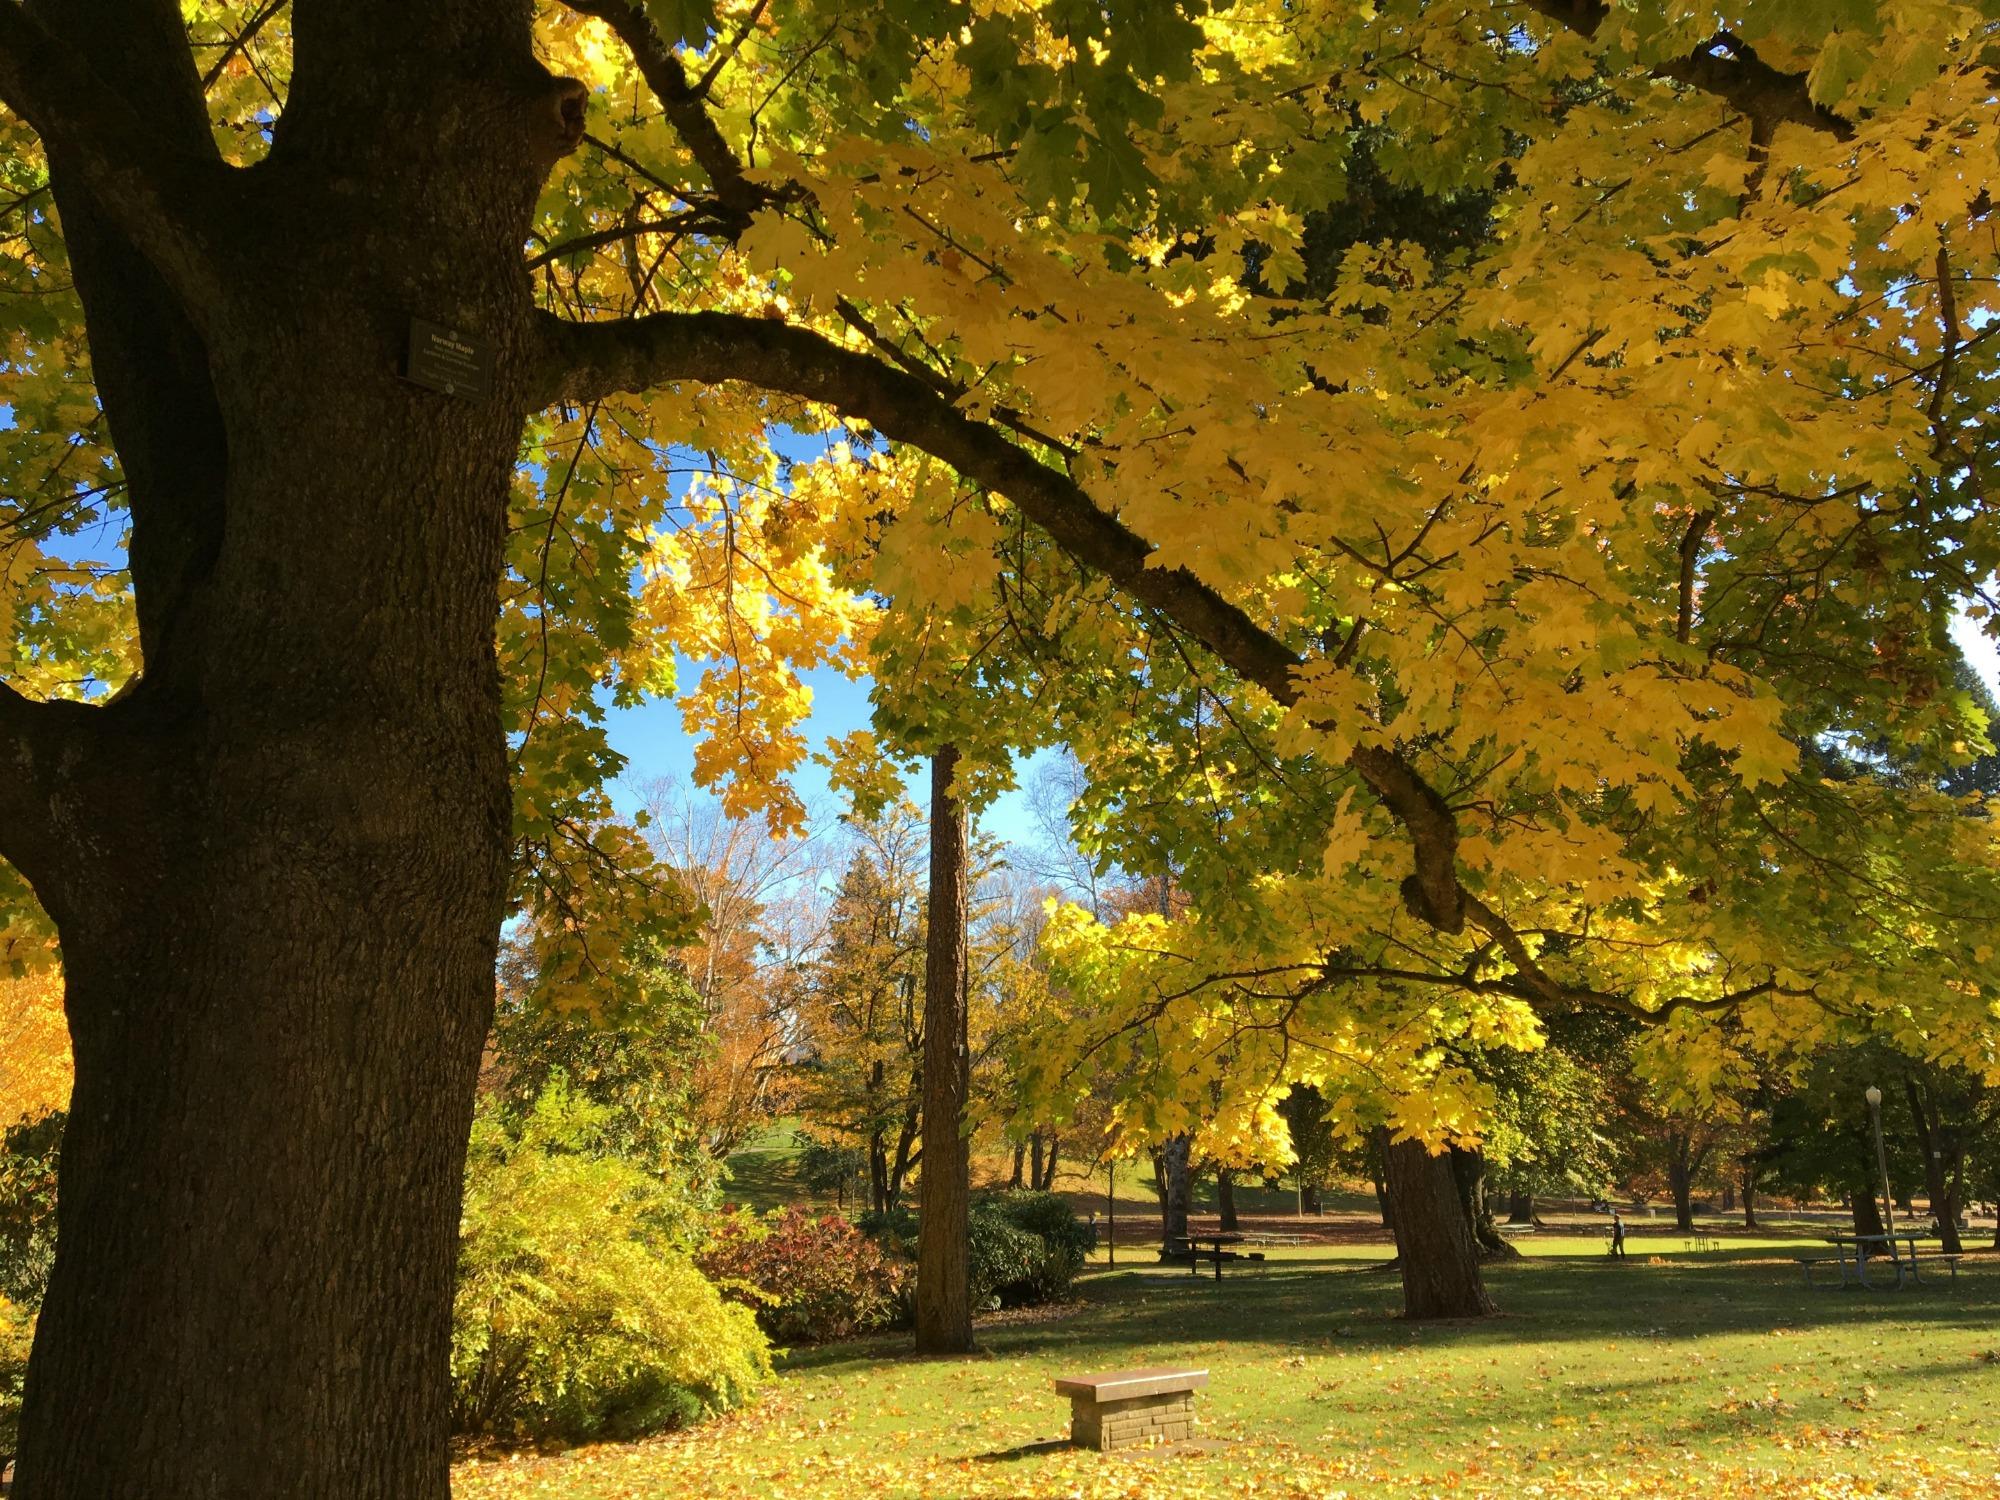 The Best Fall Leaf Peeping Spots in Pierce County - SouthSoundTalk